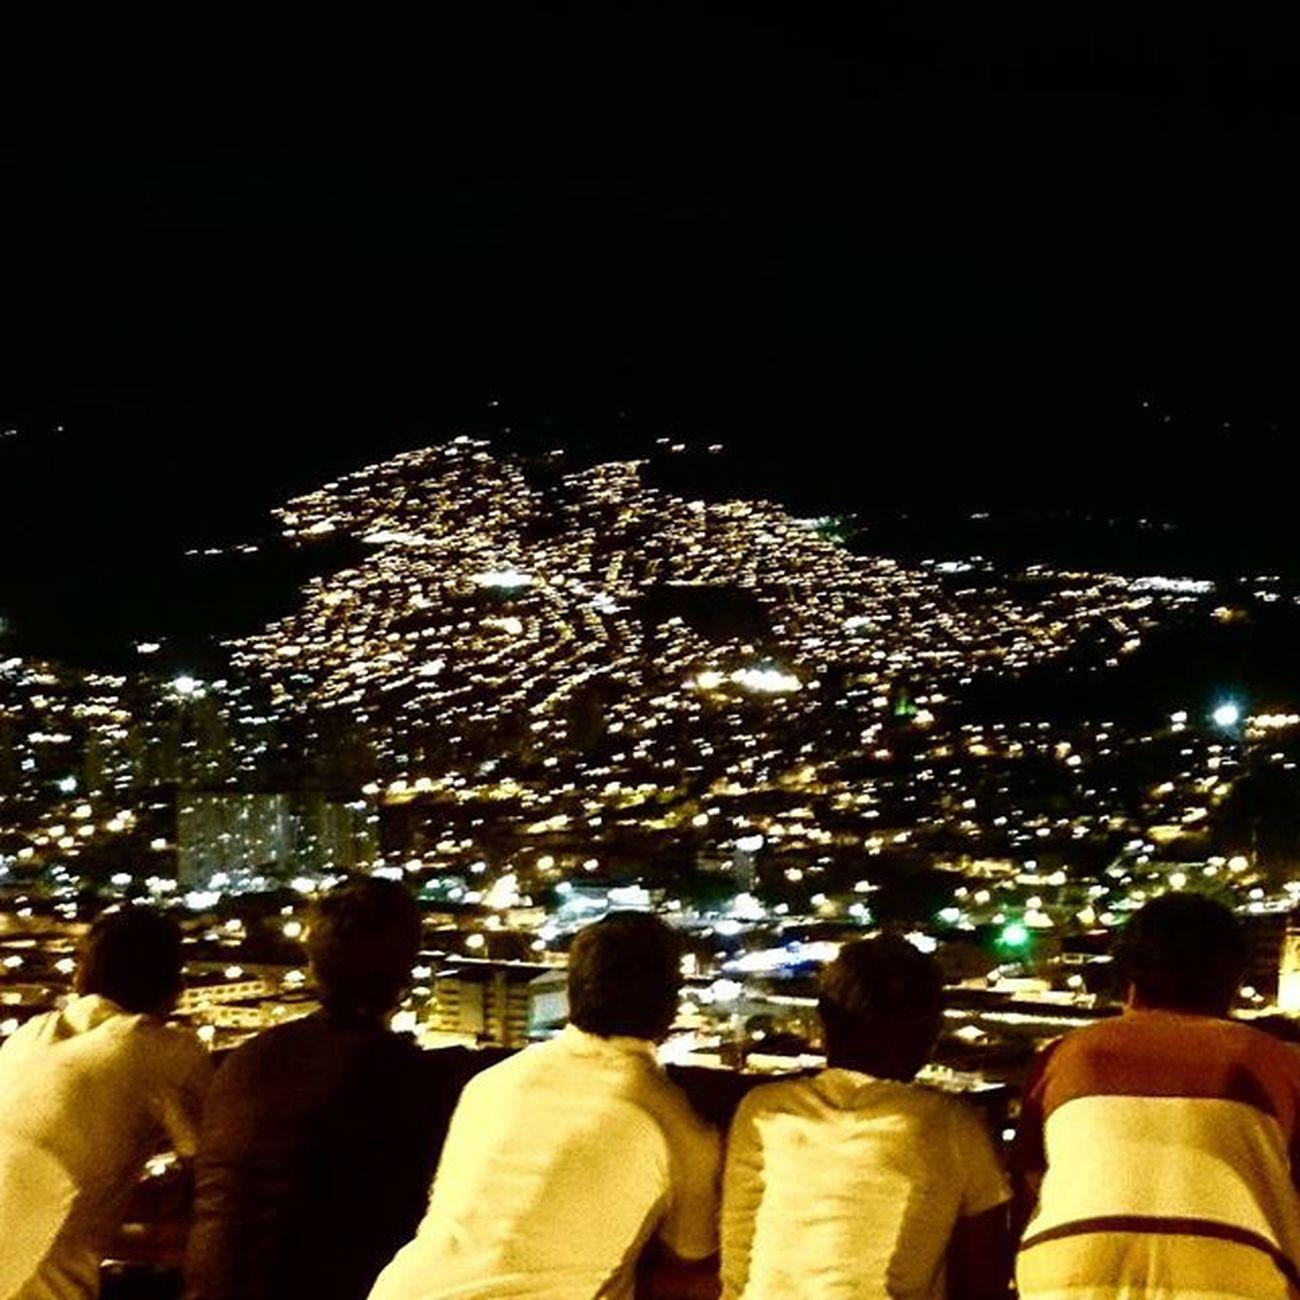 Medellín Refemsocial Panado Tarado Panadotarado Manasnaovolta Elcartel